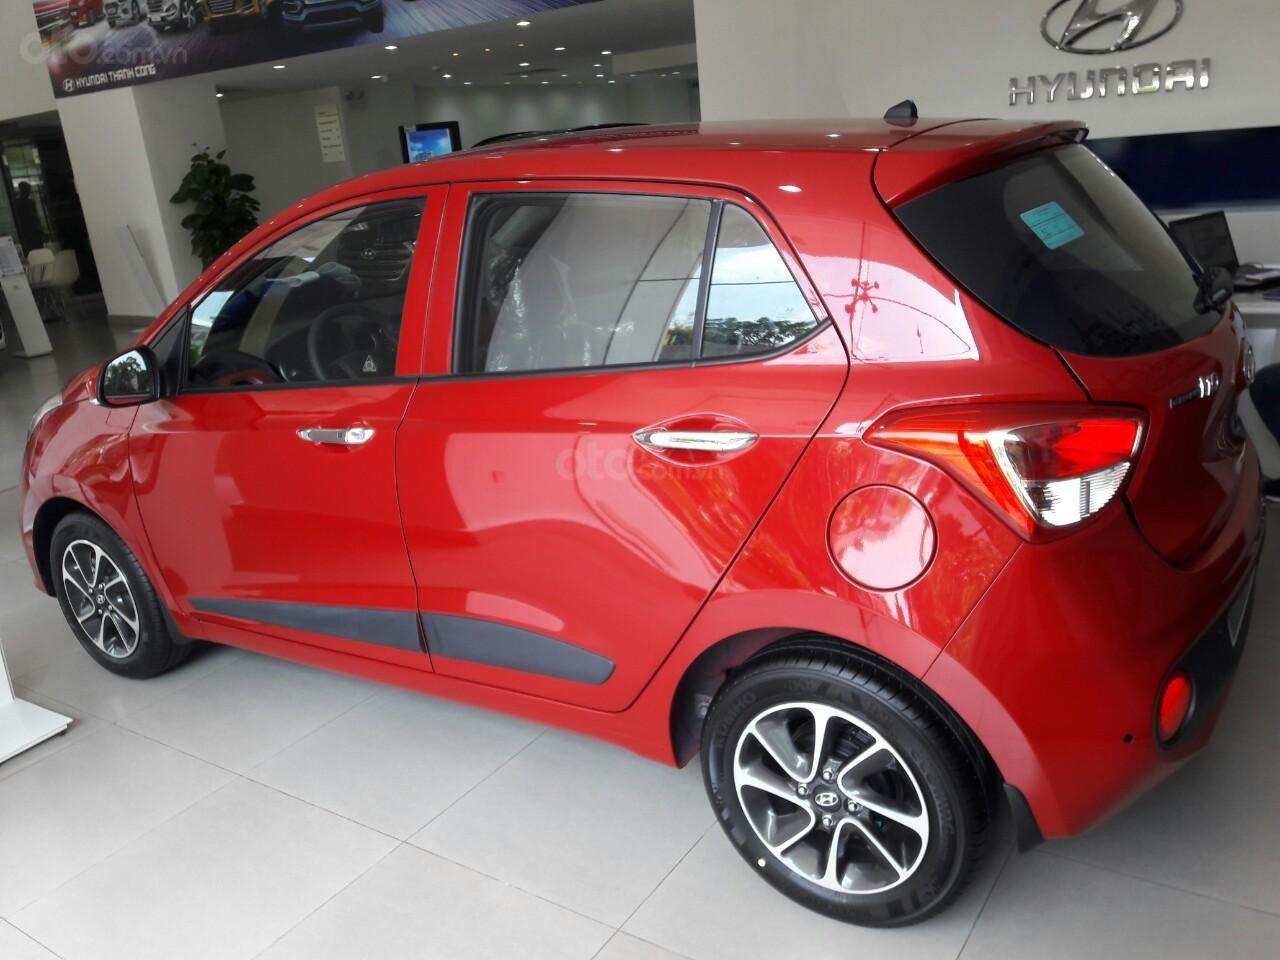 Bán Hyundai Grand I10 1.2AT, màu đỏ nhận xe ngay chỉ với 120tr, hỗ trợ đăng ký Grab, vay trả góp LS cực ưu đãi (3)